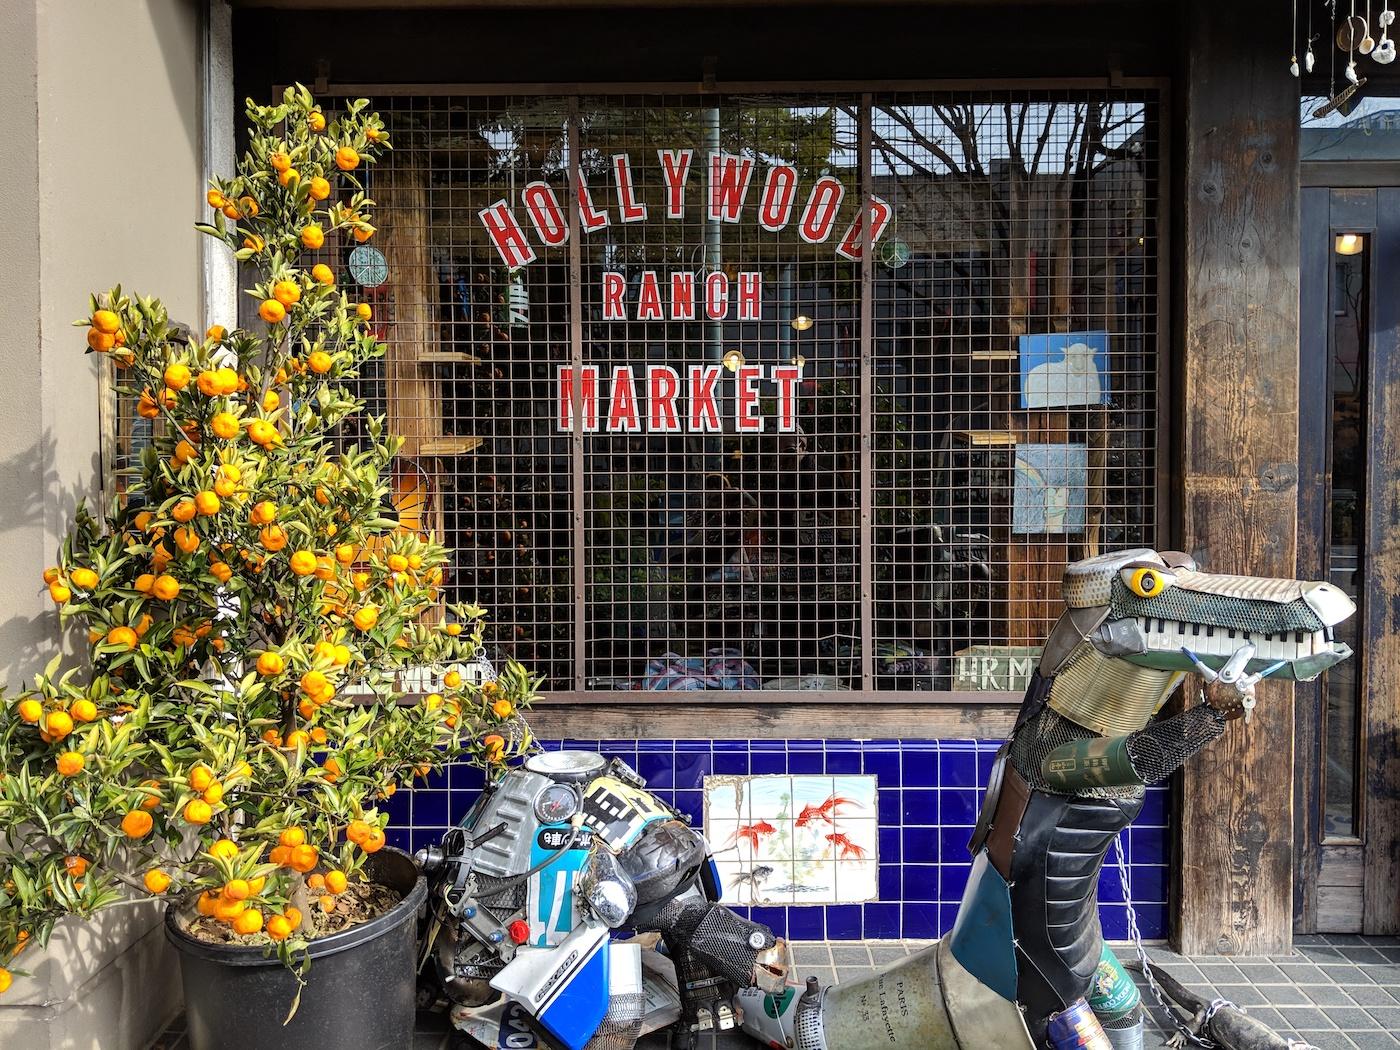 Where to shop in Ebisu Daikanyama Tokyo: Hollywood Ranch Market